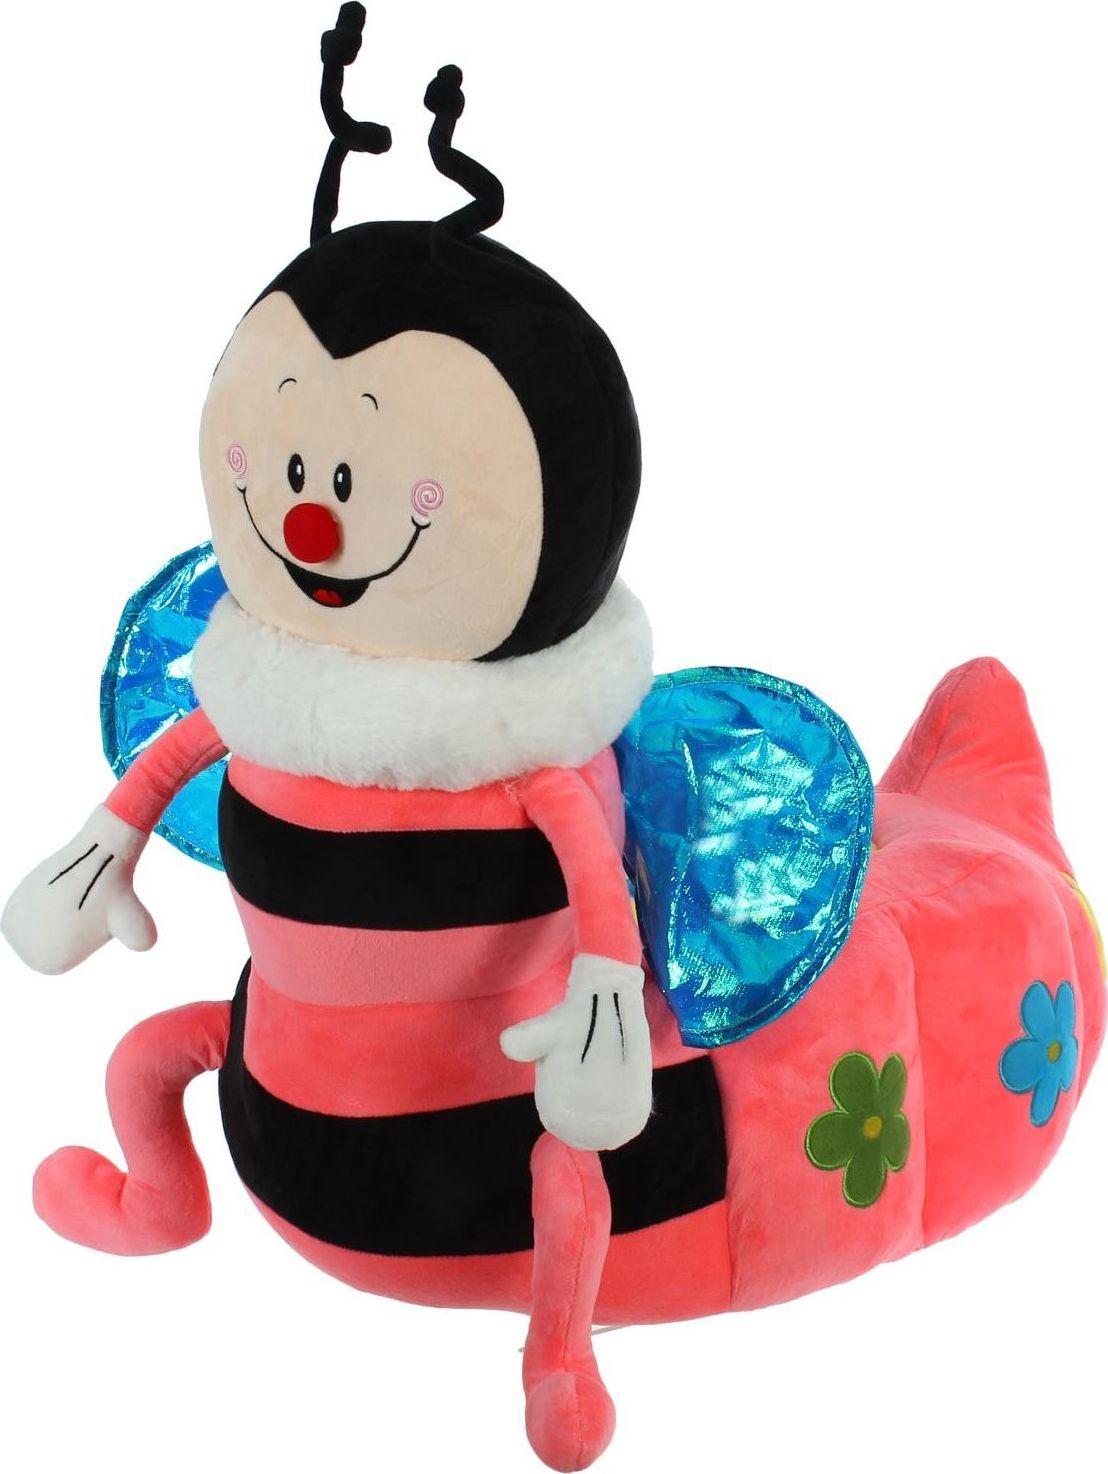 Sima-land Мягкая игрушка-кресло Пчелка цвет черный розовый - Мягкие игрушки